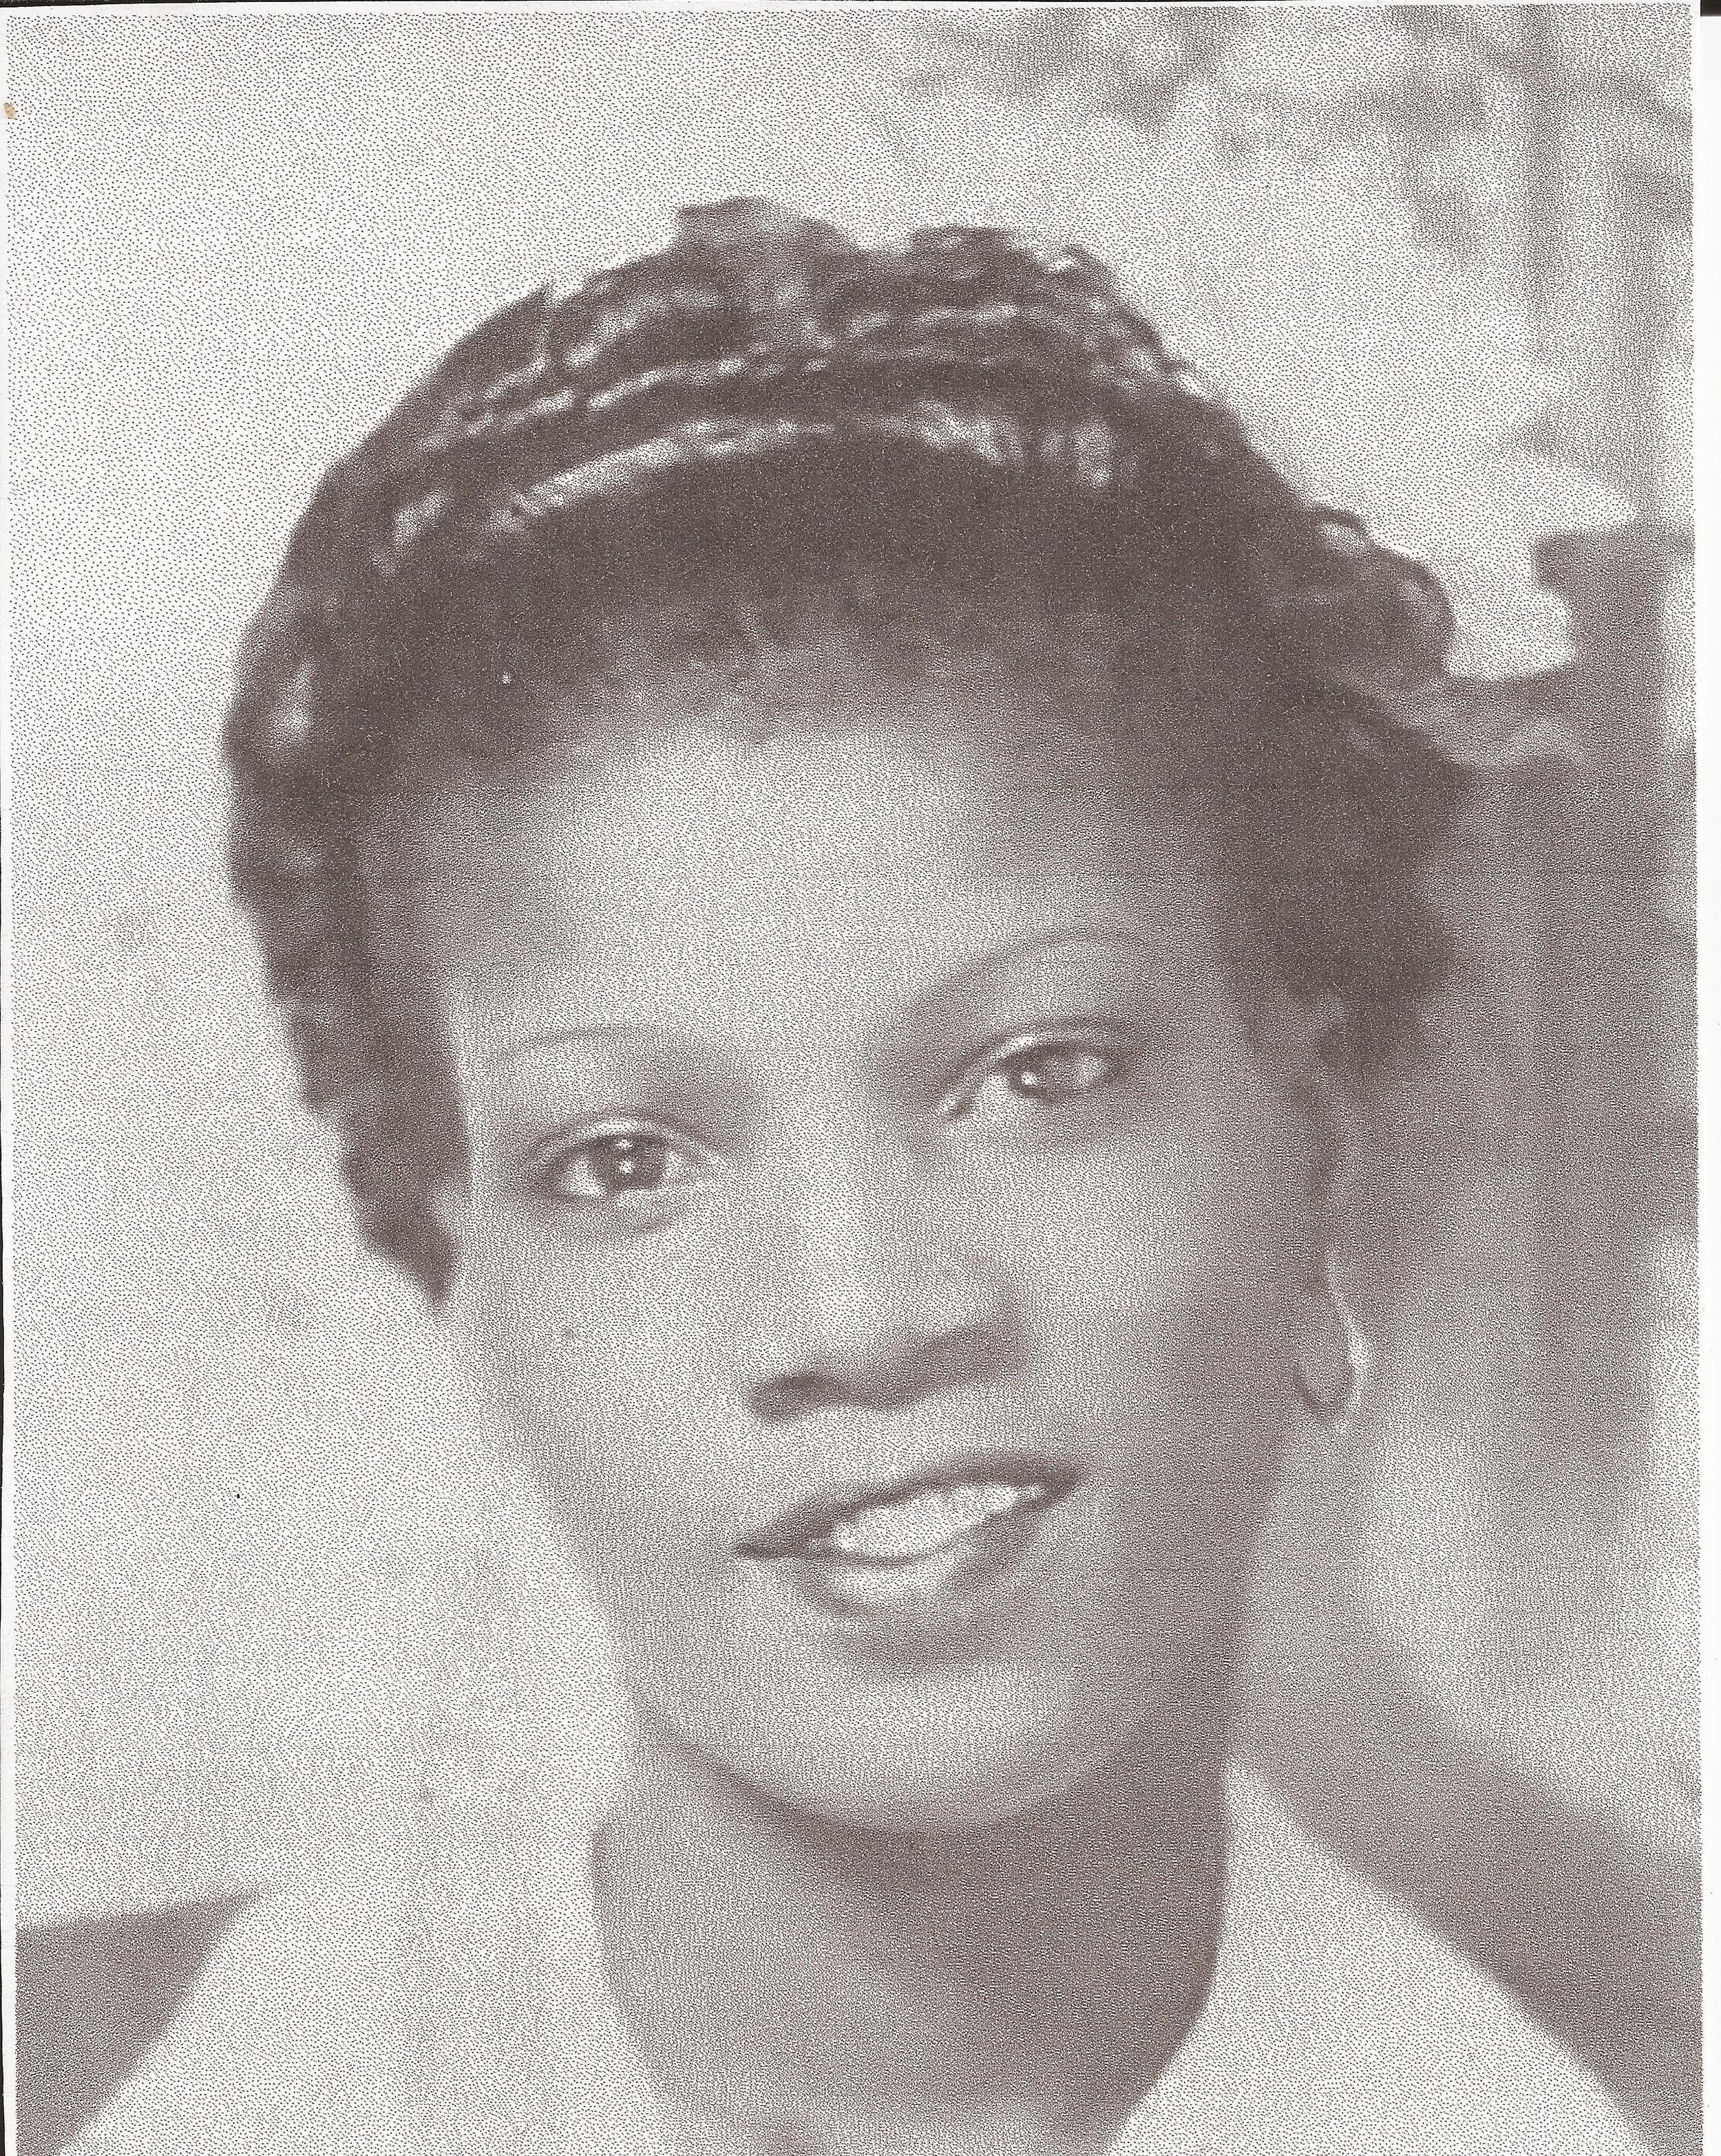 Annie Pierson, Slocum Survivor (Felix Green, San Diego African American Genealogy Research Group)